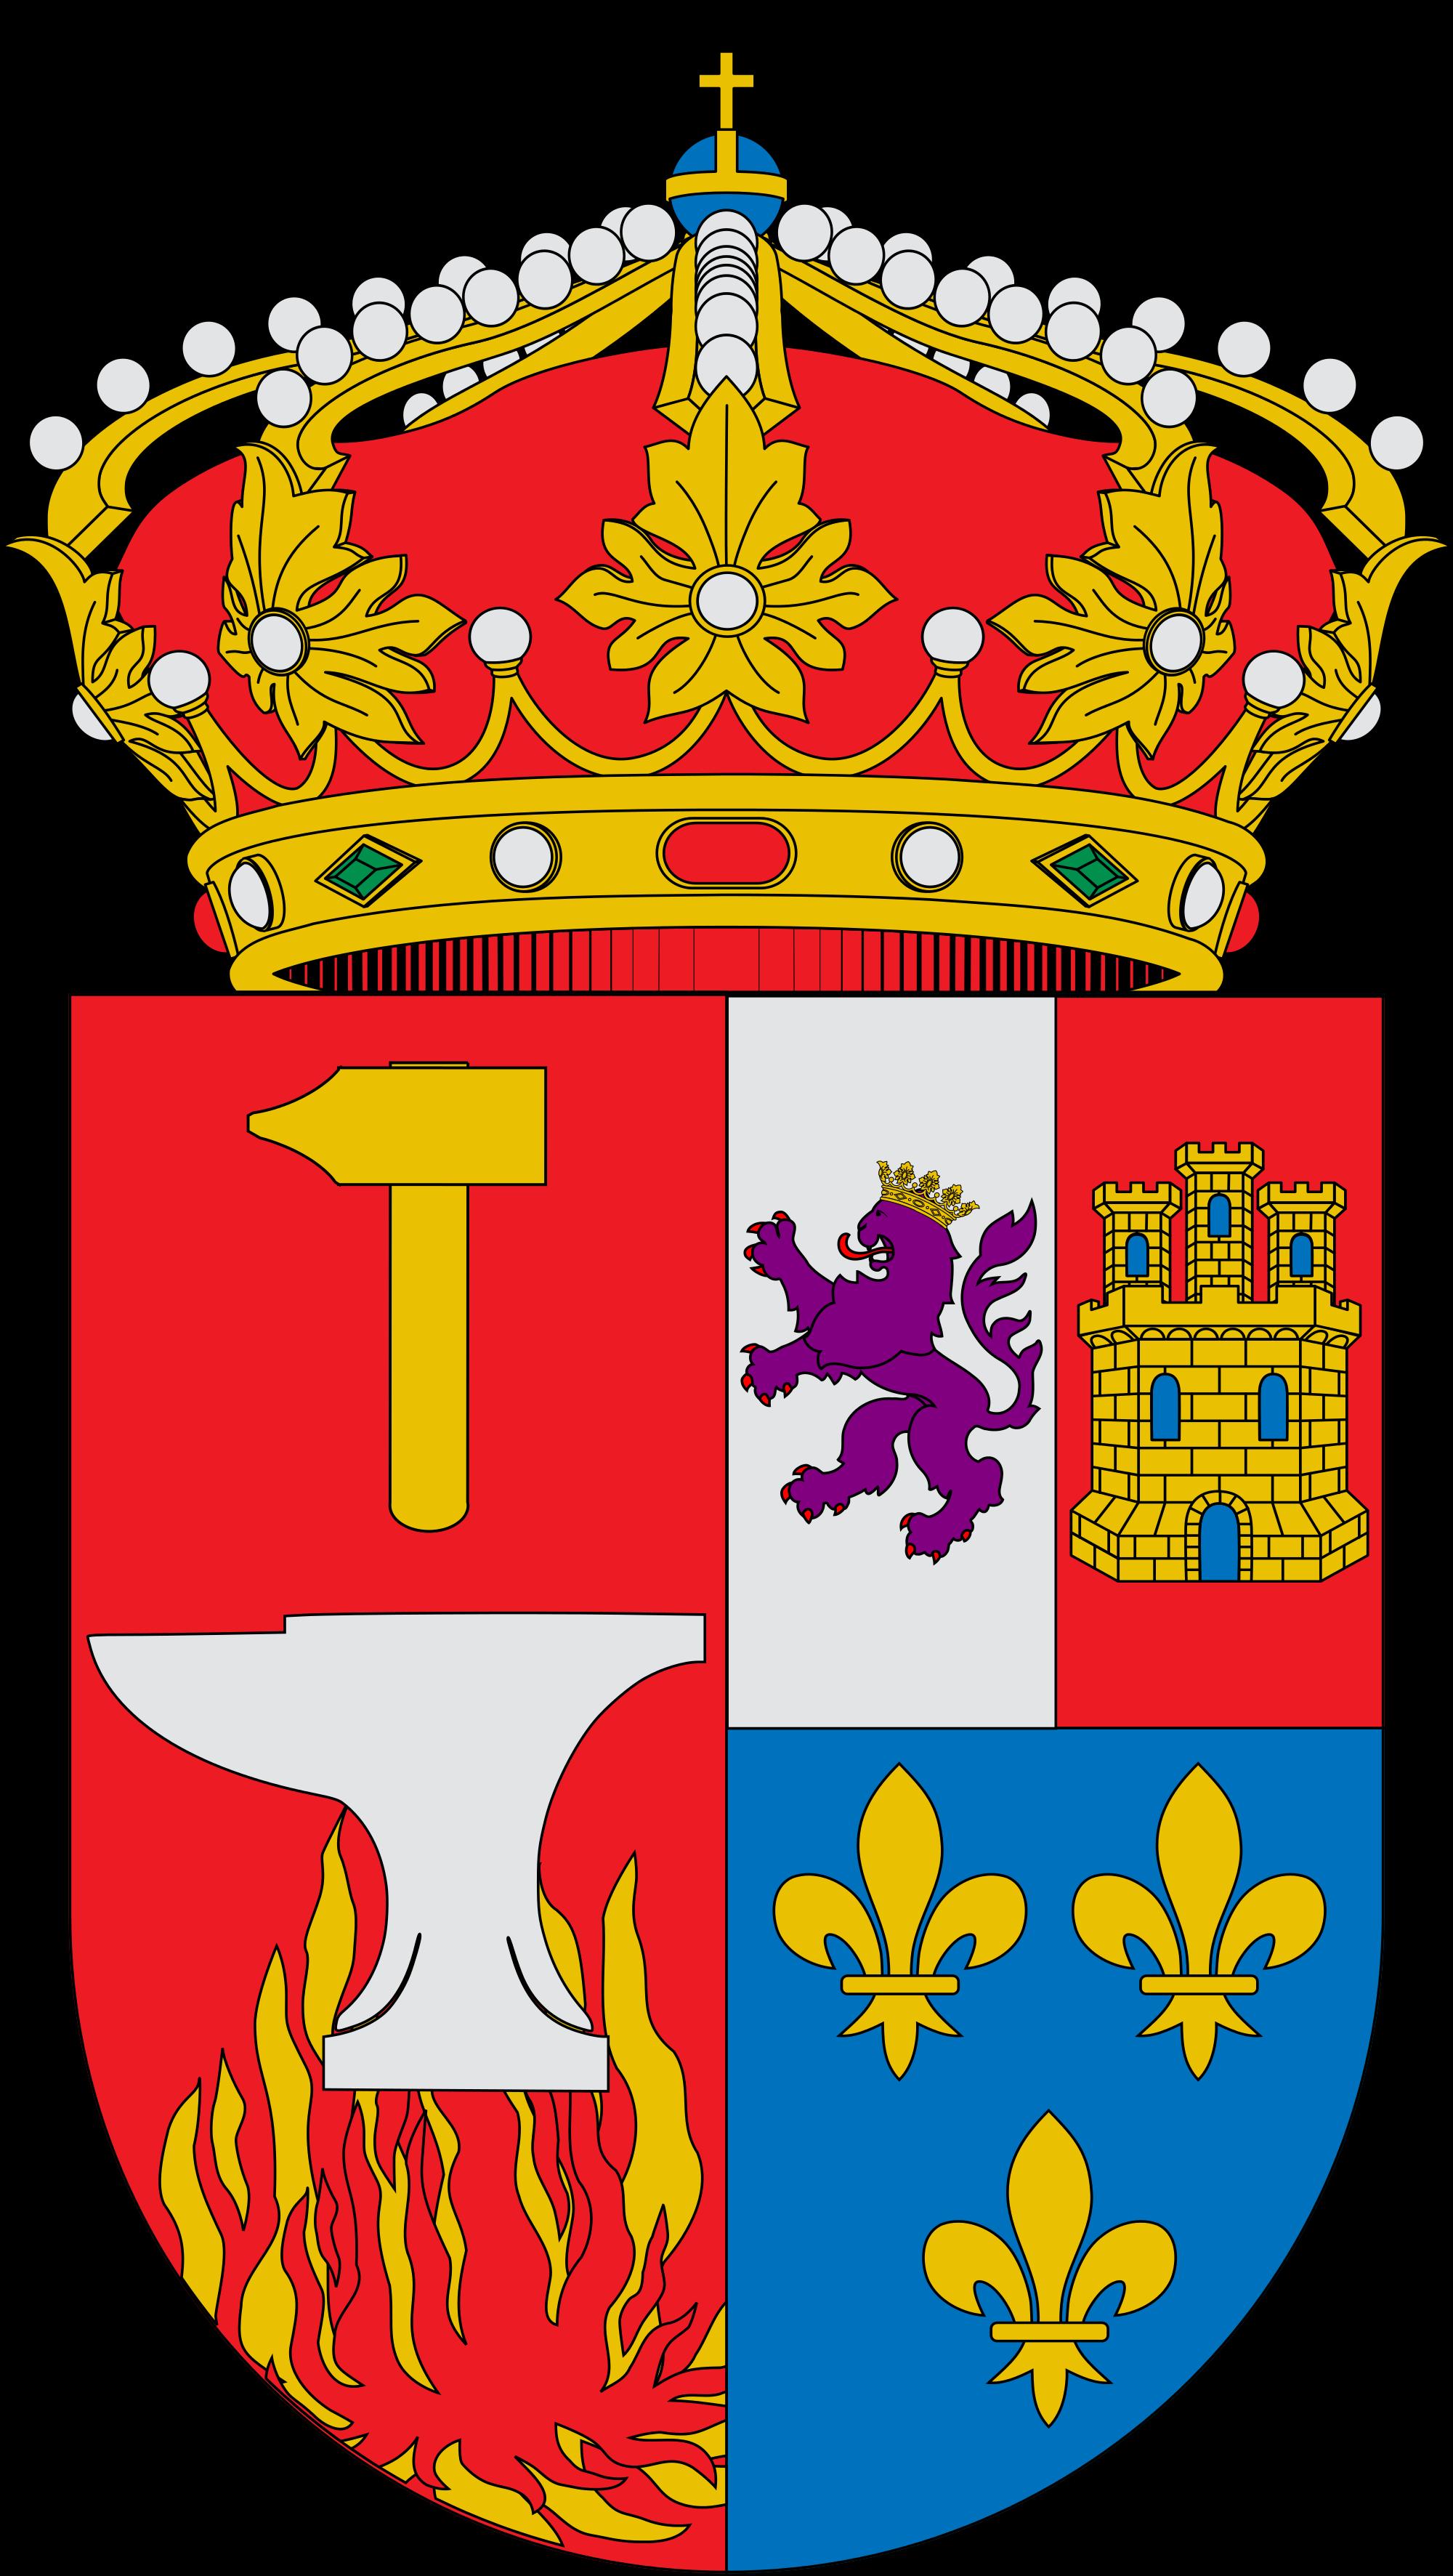 File:Escudo de Herreros de Suso.svg.